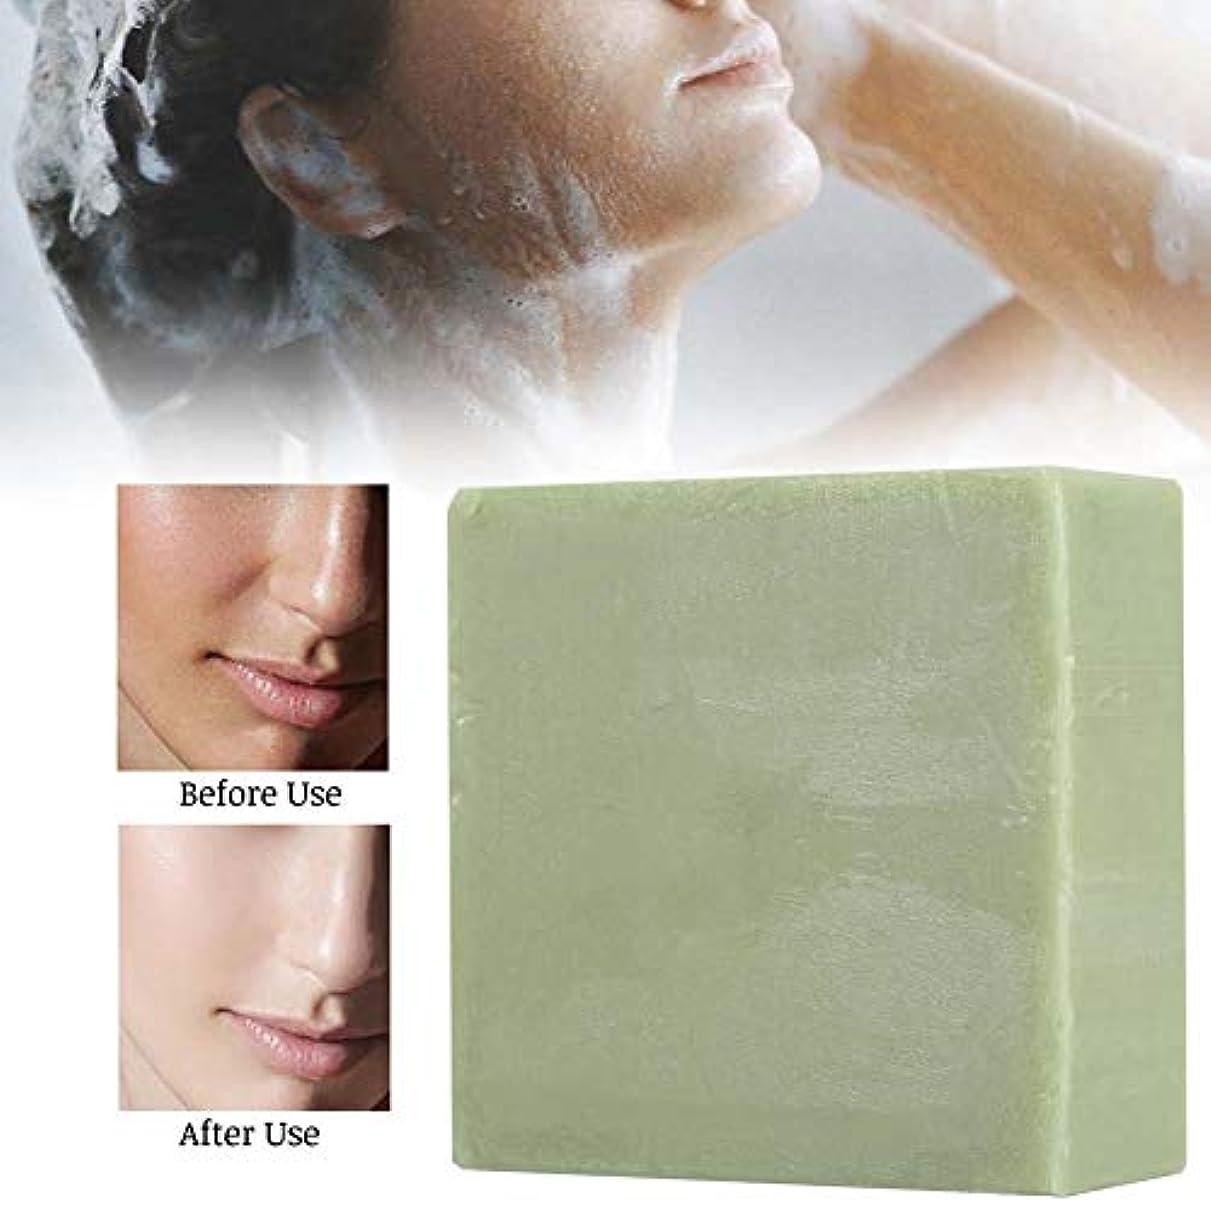 意味のあるお酒女の子手作り石鹸 ハンドメイドグリーンクレイソープ フェイシャルクリーニング 保湿フェイシャルケア バスエッセンシャルオイルソープ